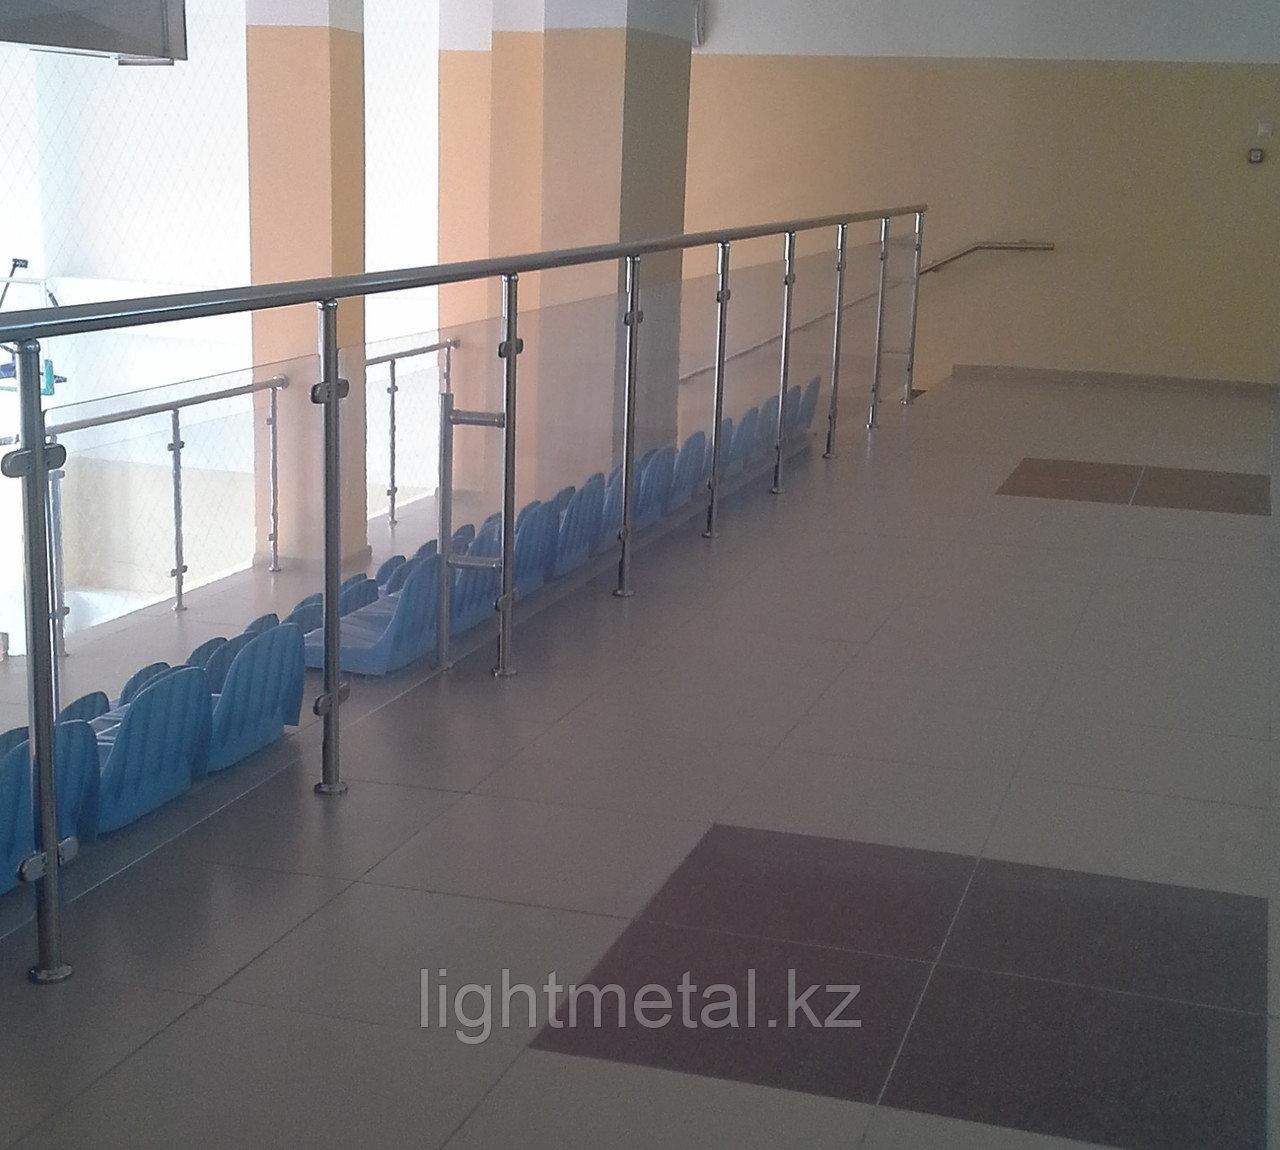 Ограждения из нержавеющей стали с использованием орг стекла